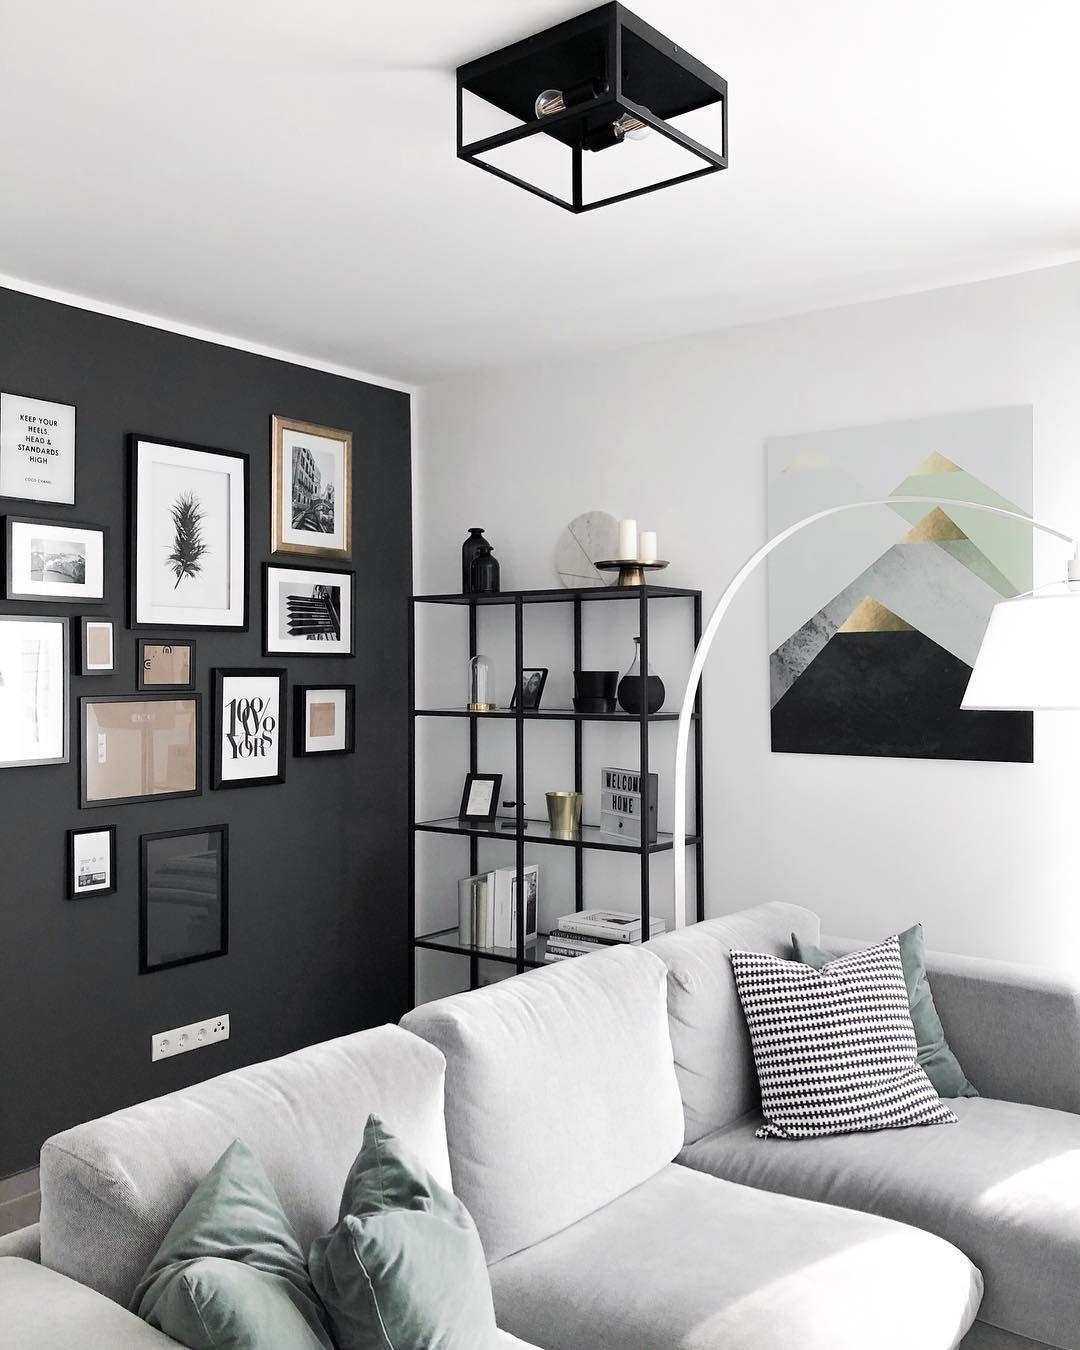 new the 10 best home decor with pictures sunday ihr lieben rh pinterest com